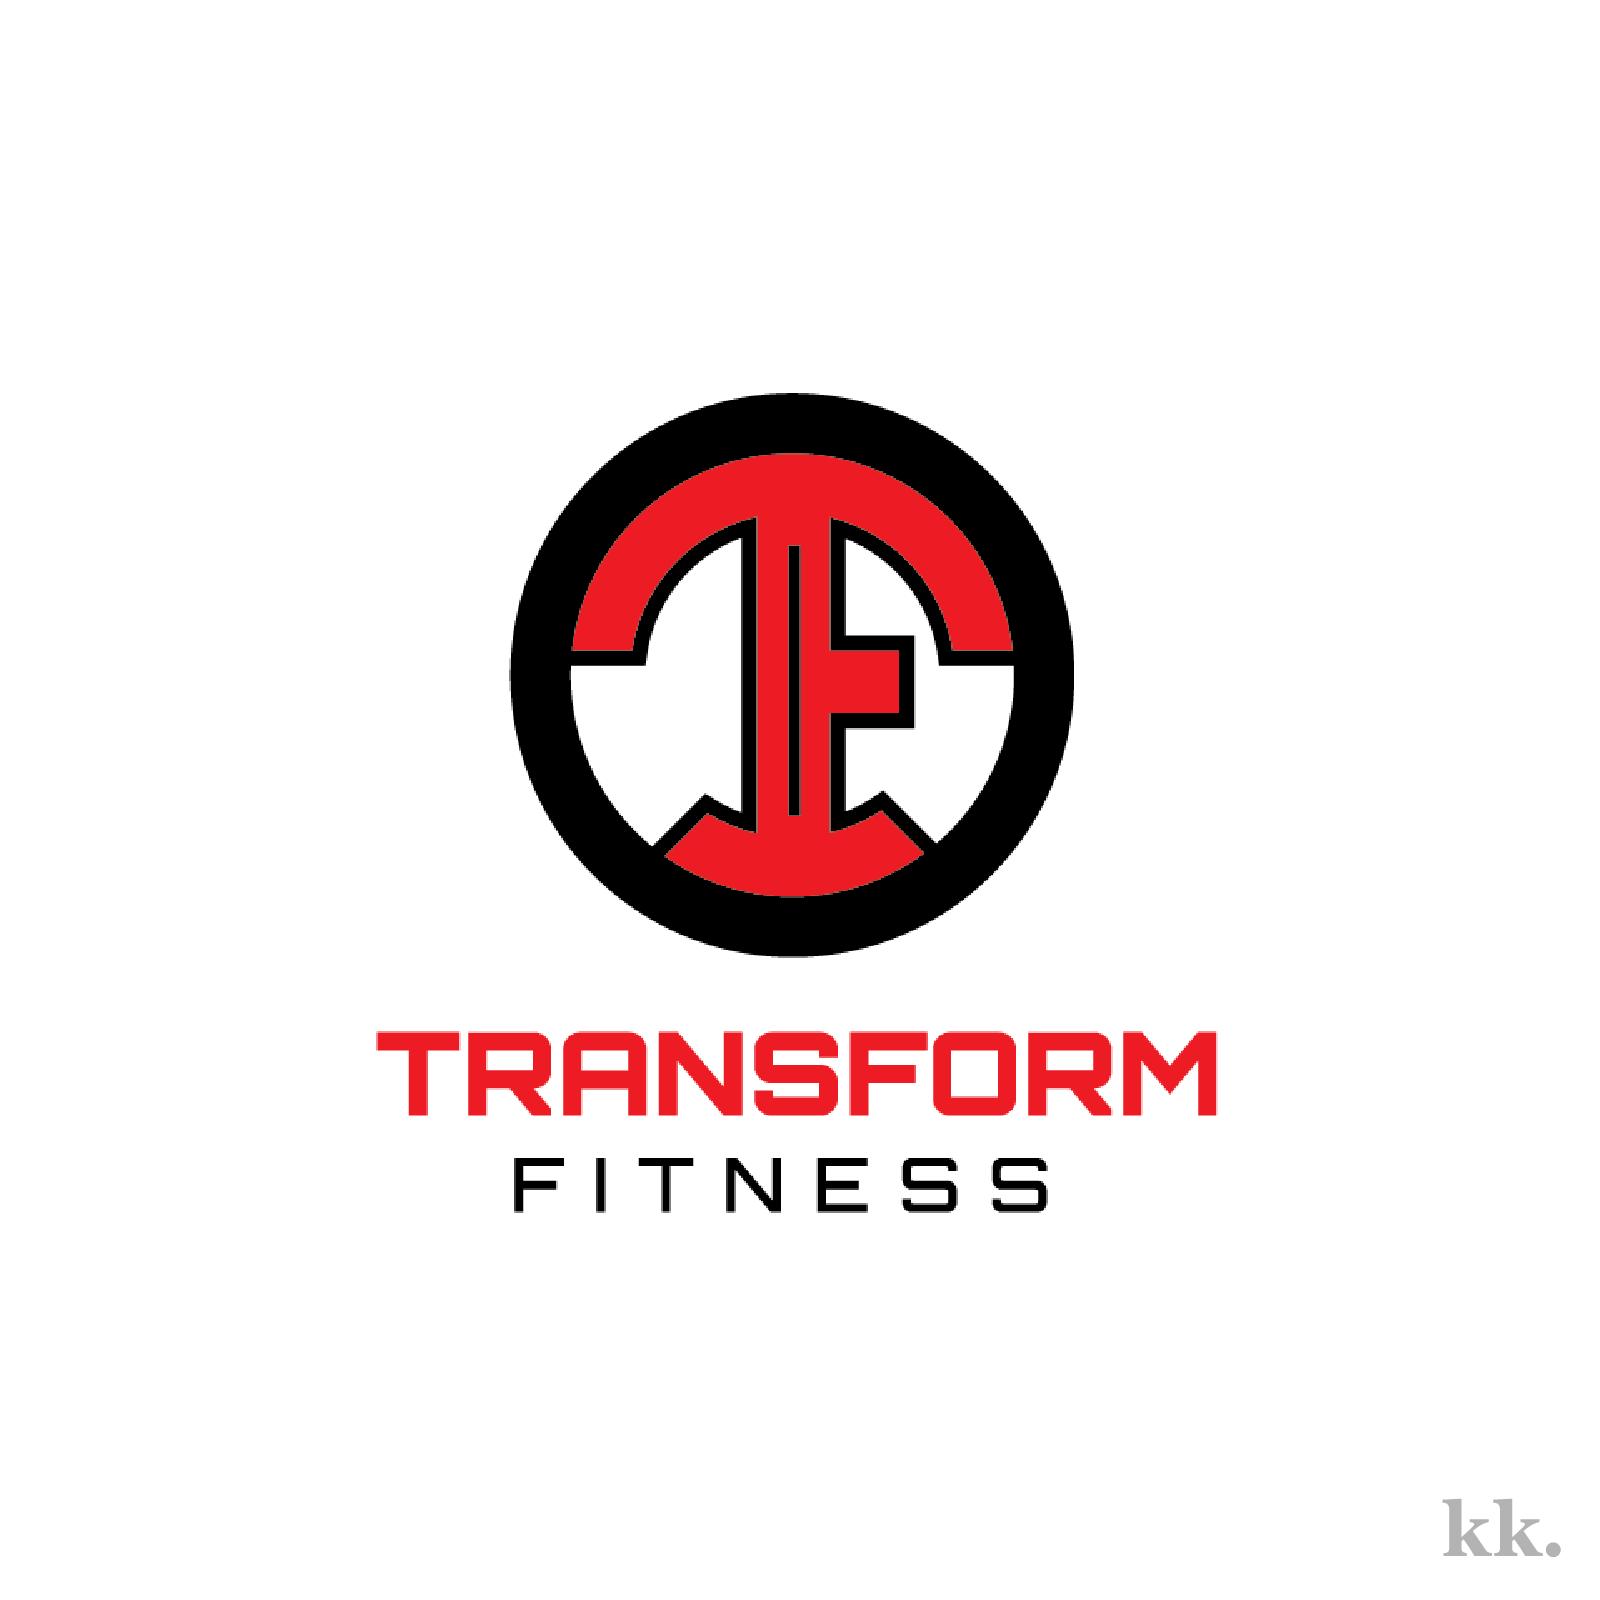 Transform Fitness Logo | Katie Kassel, Kassel Creative